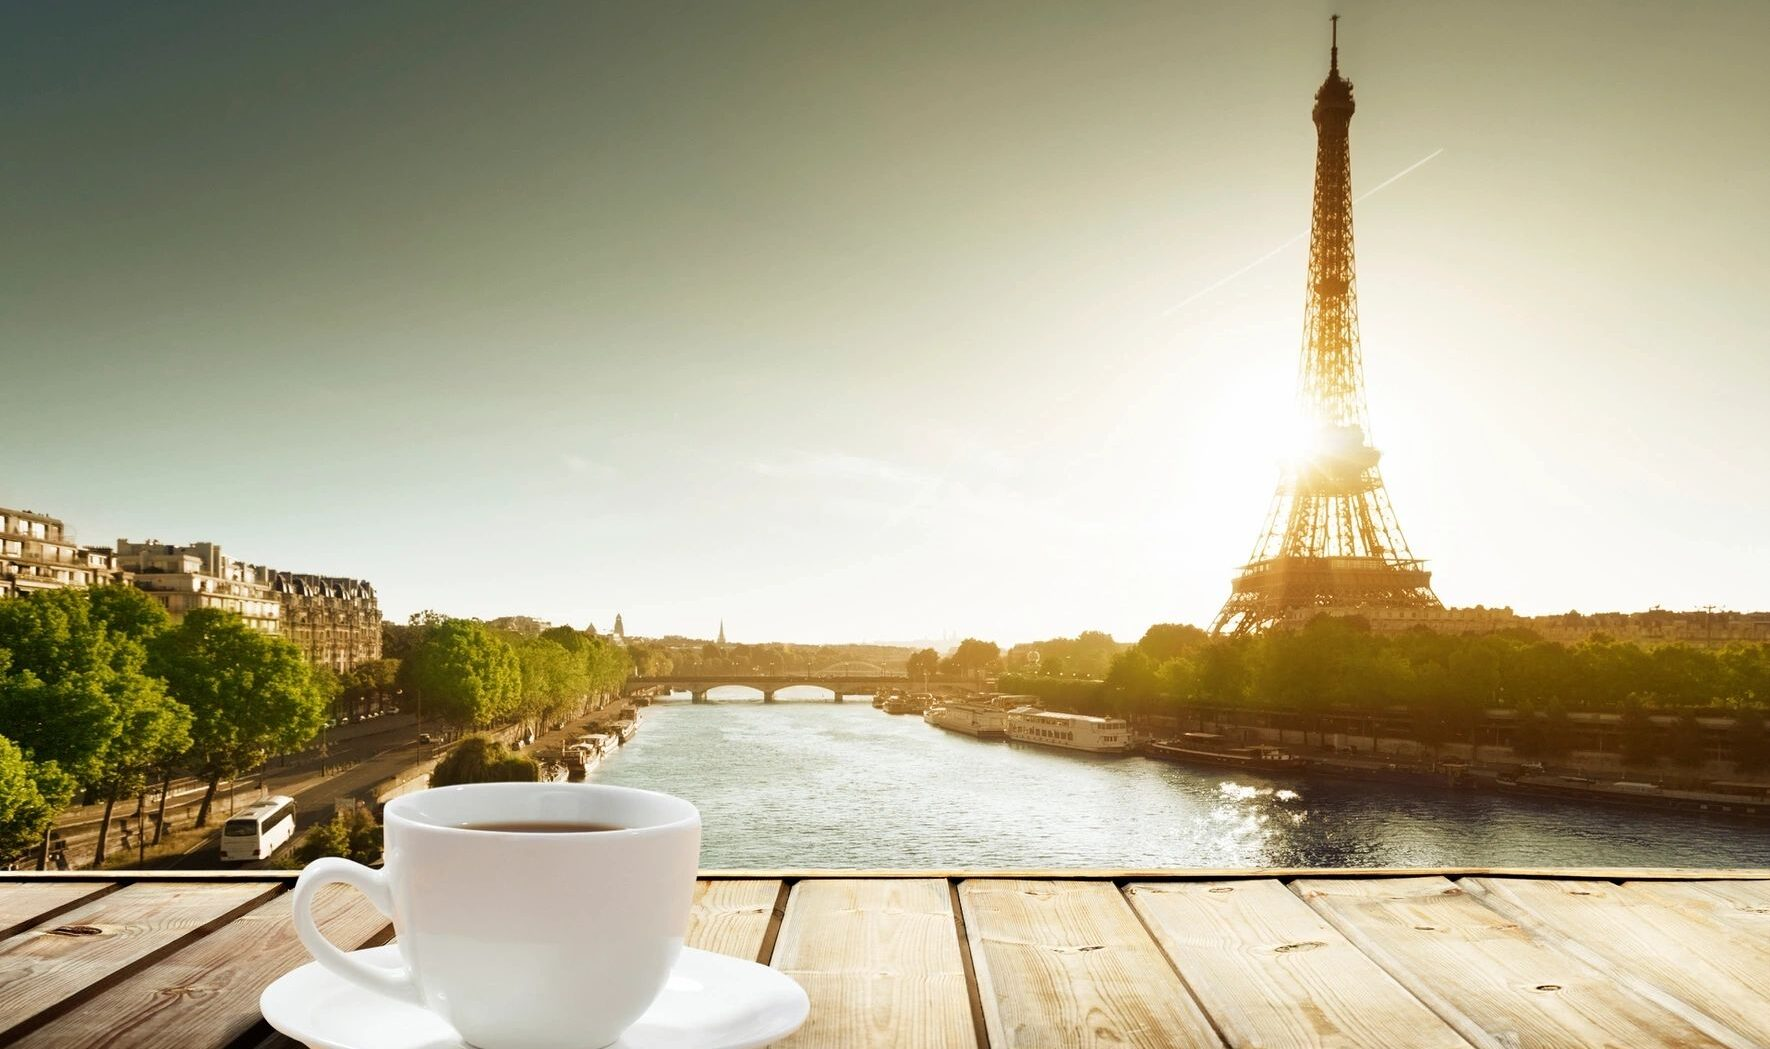 Yurtdışında İş Amaçlı En Çok Gidilen Ülkeler